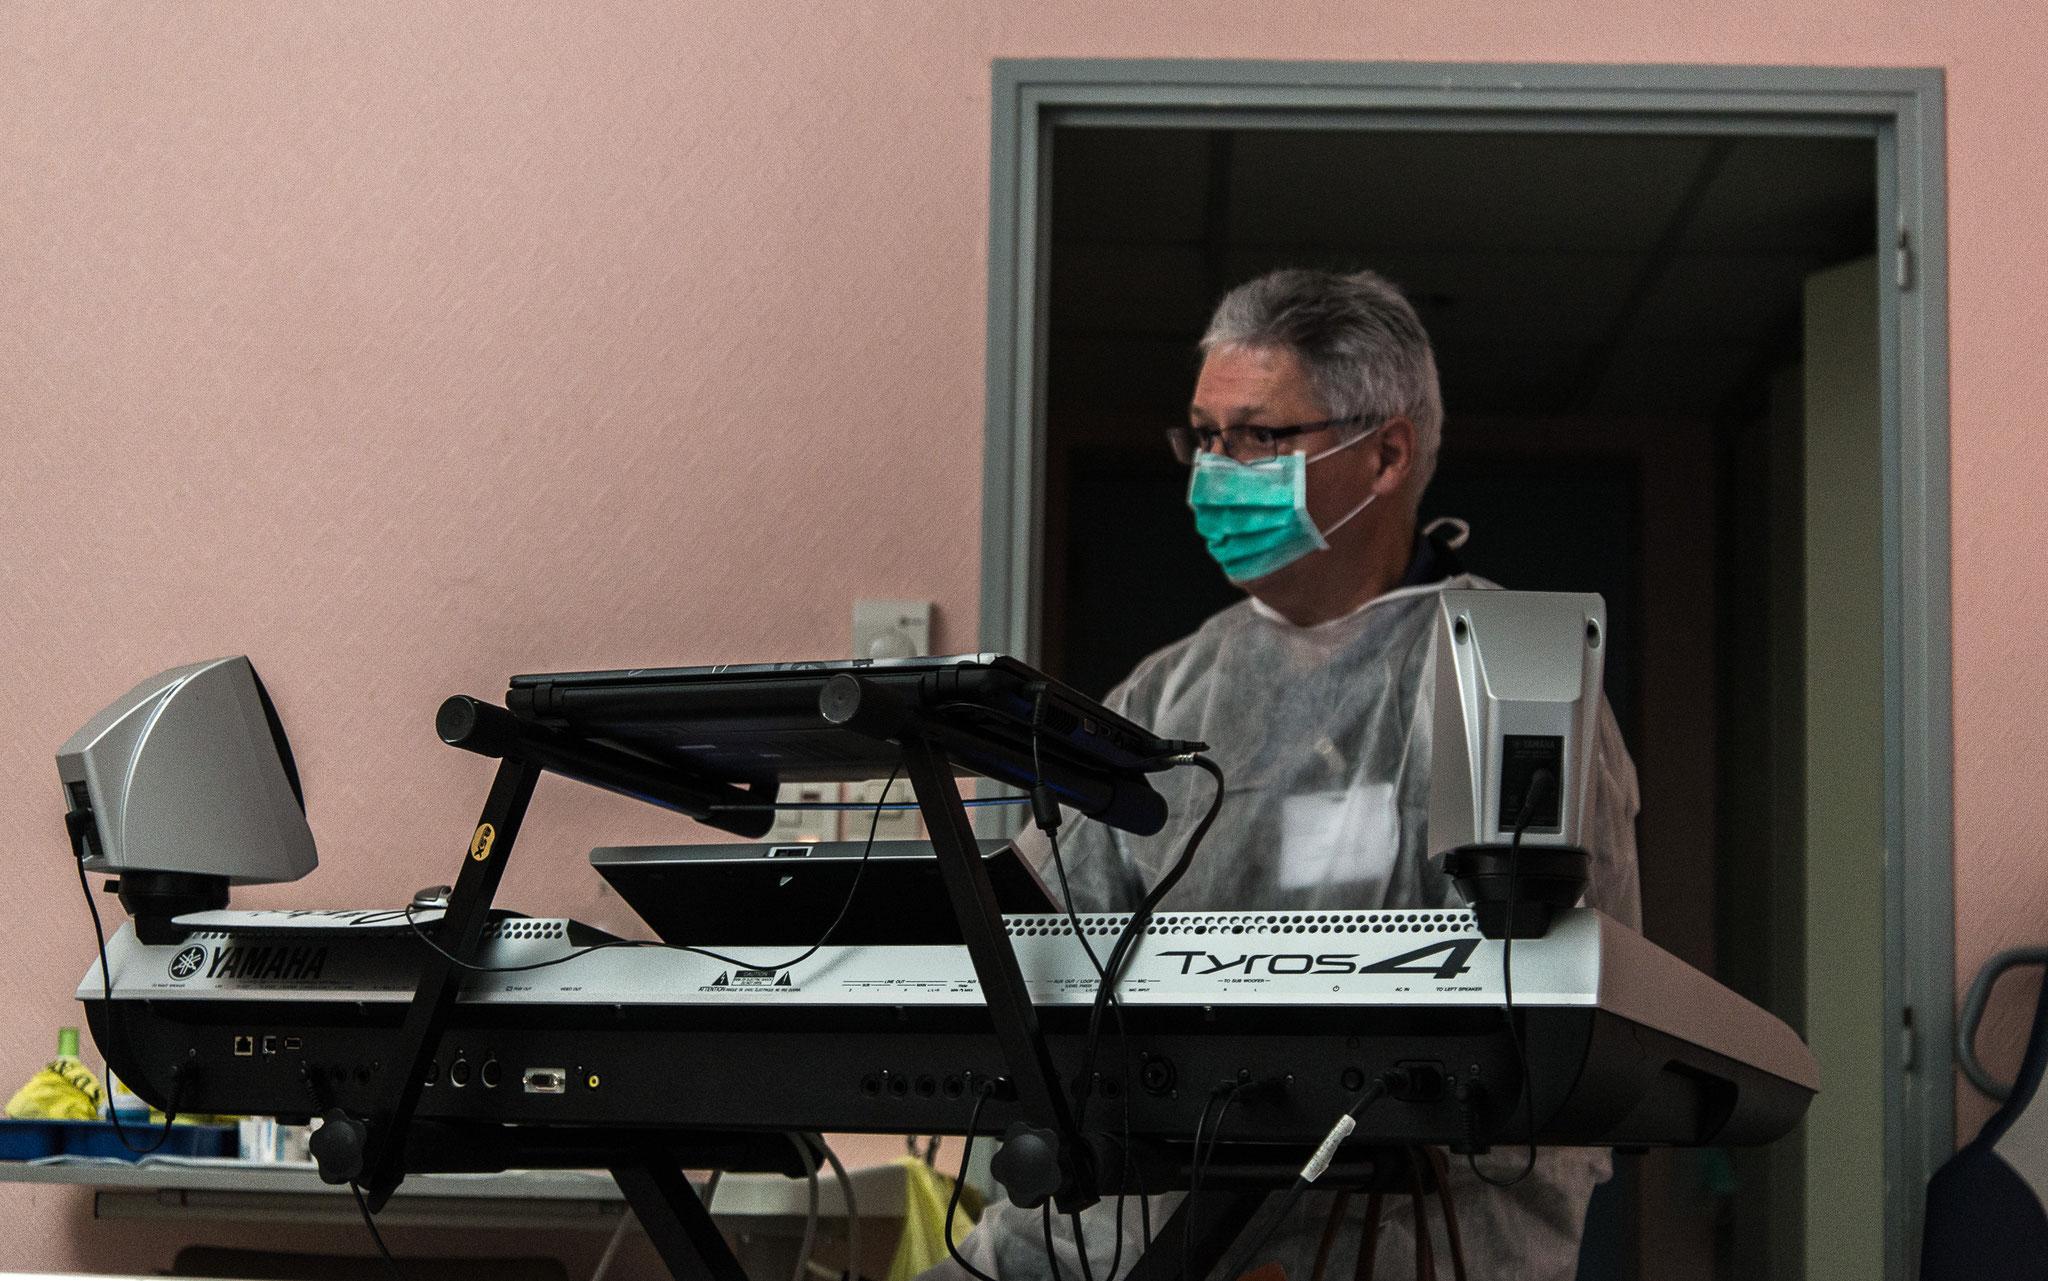 Jean Louis joue pour un patient contagieux dans un état «critique»